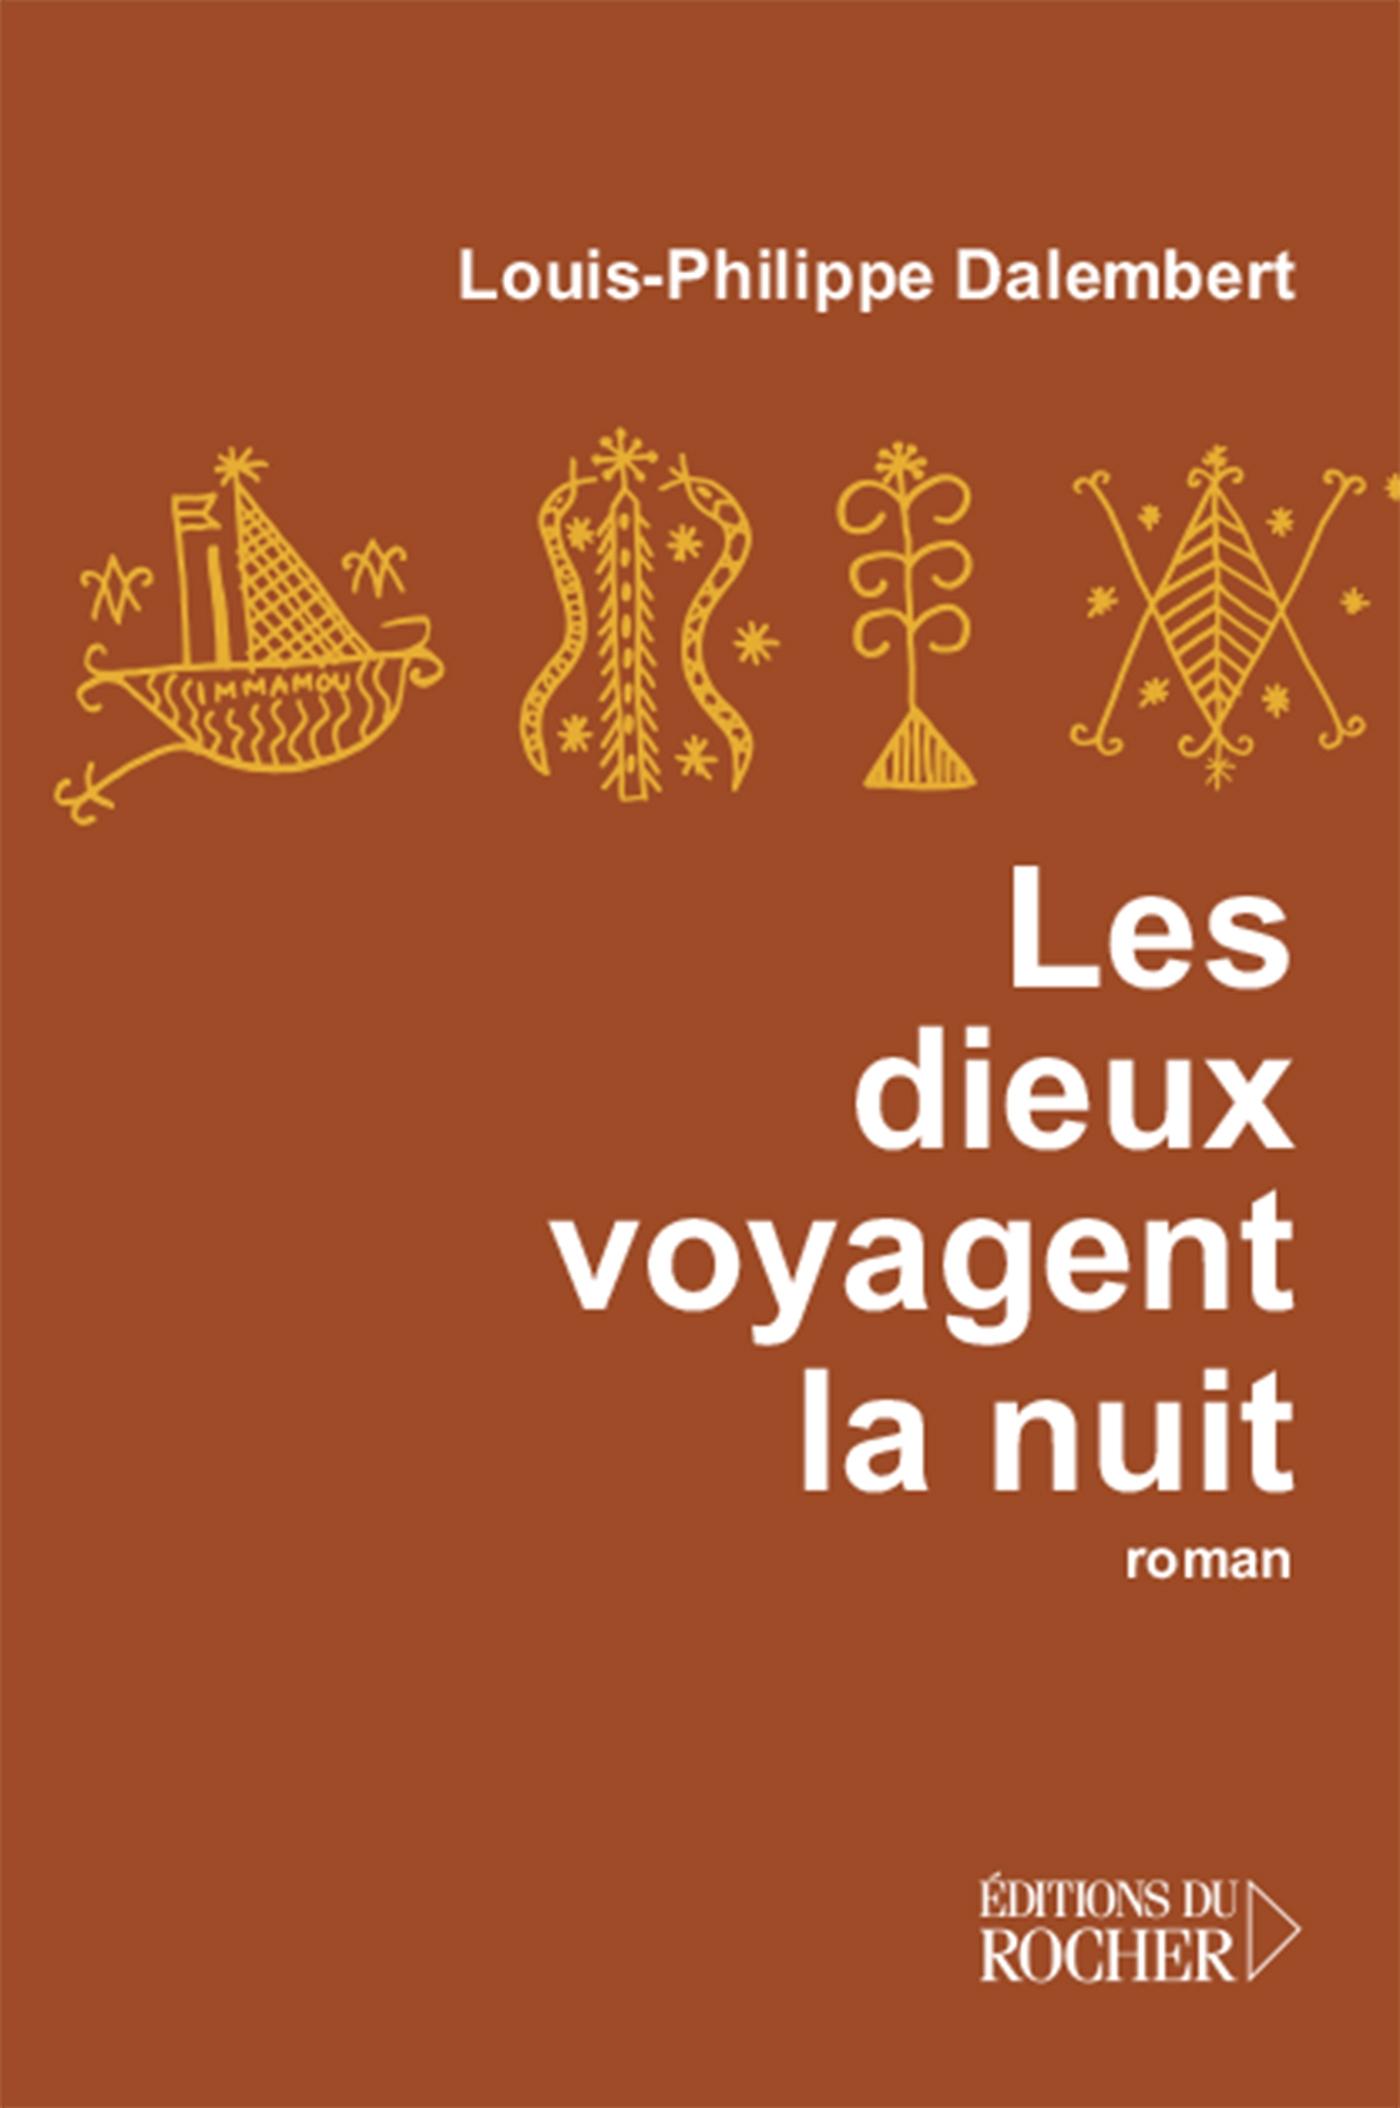 Les dieux voyagent la nuit | Dalembert, Louis-Philippe. Auteur